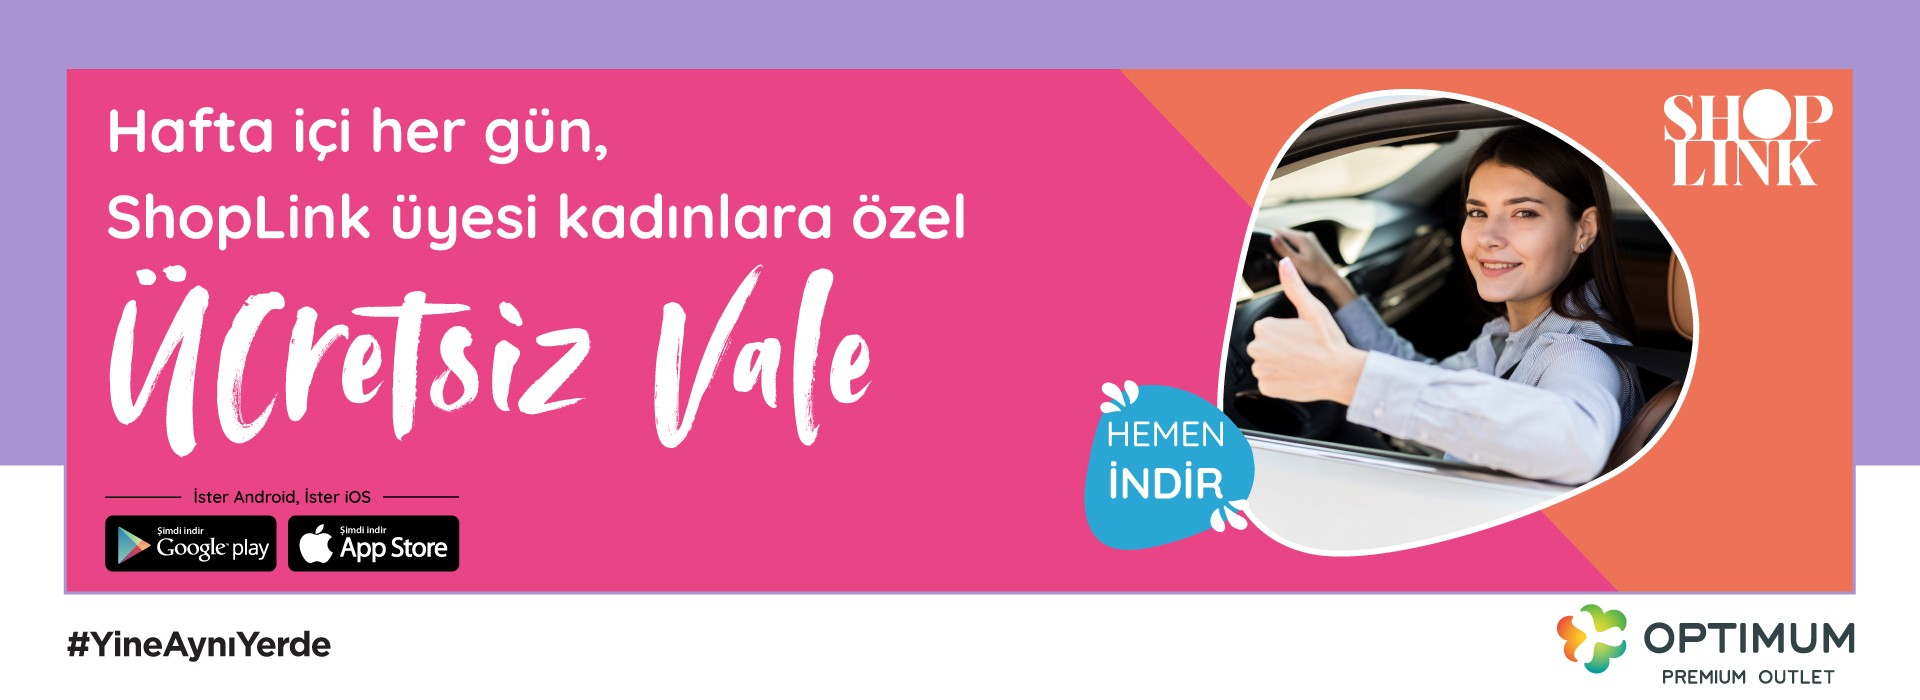 Hafta İçi Her Gün, ShopLink Üyesi Kadınlara Özel Ücretsiz Vale